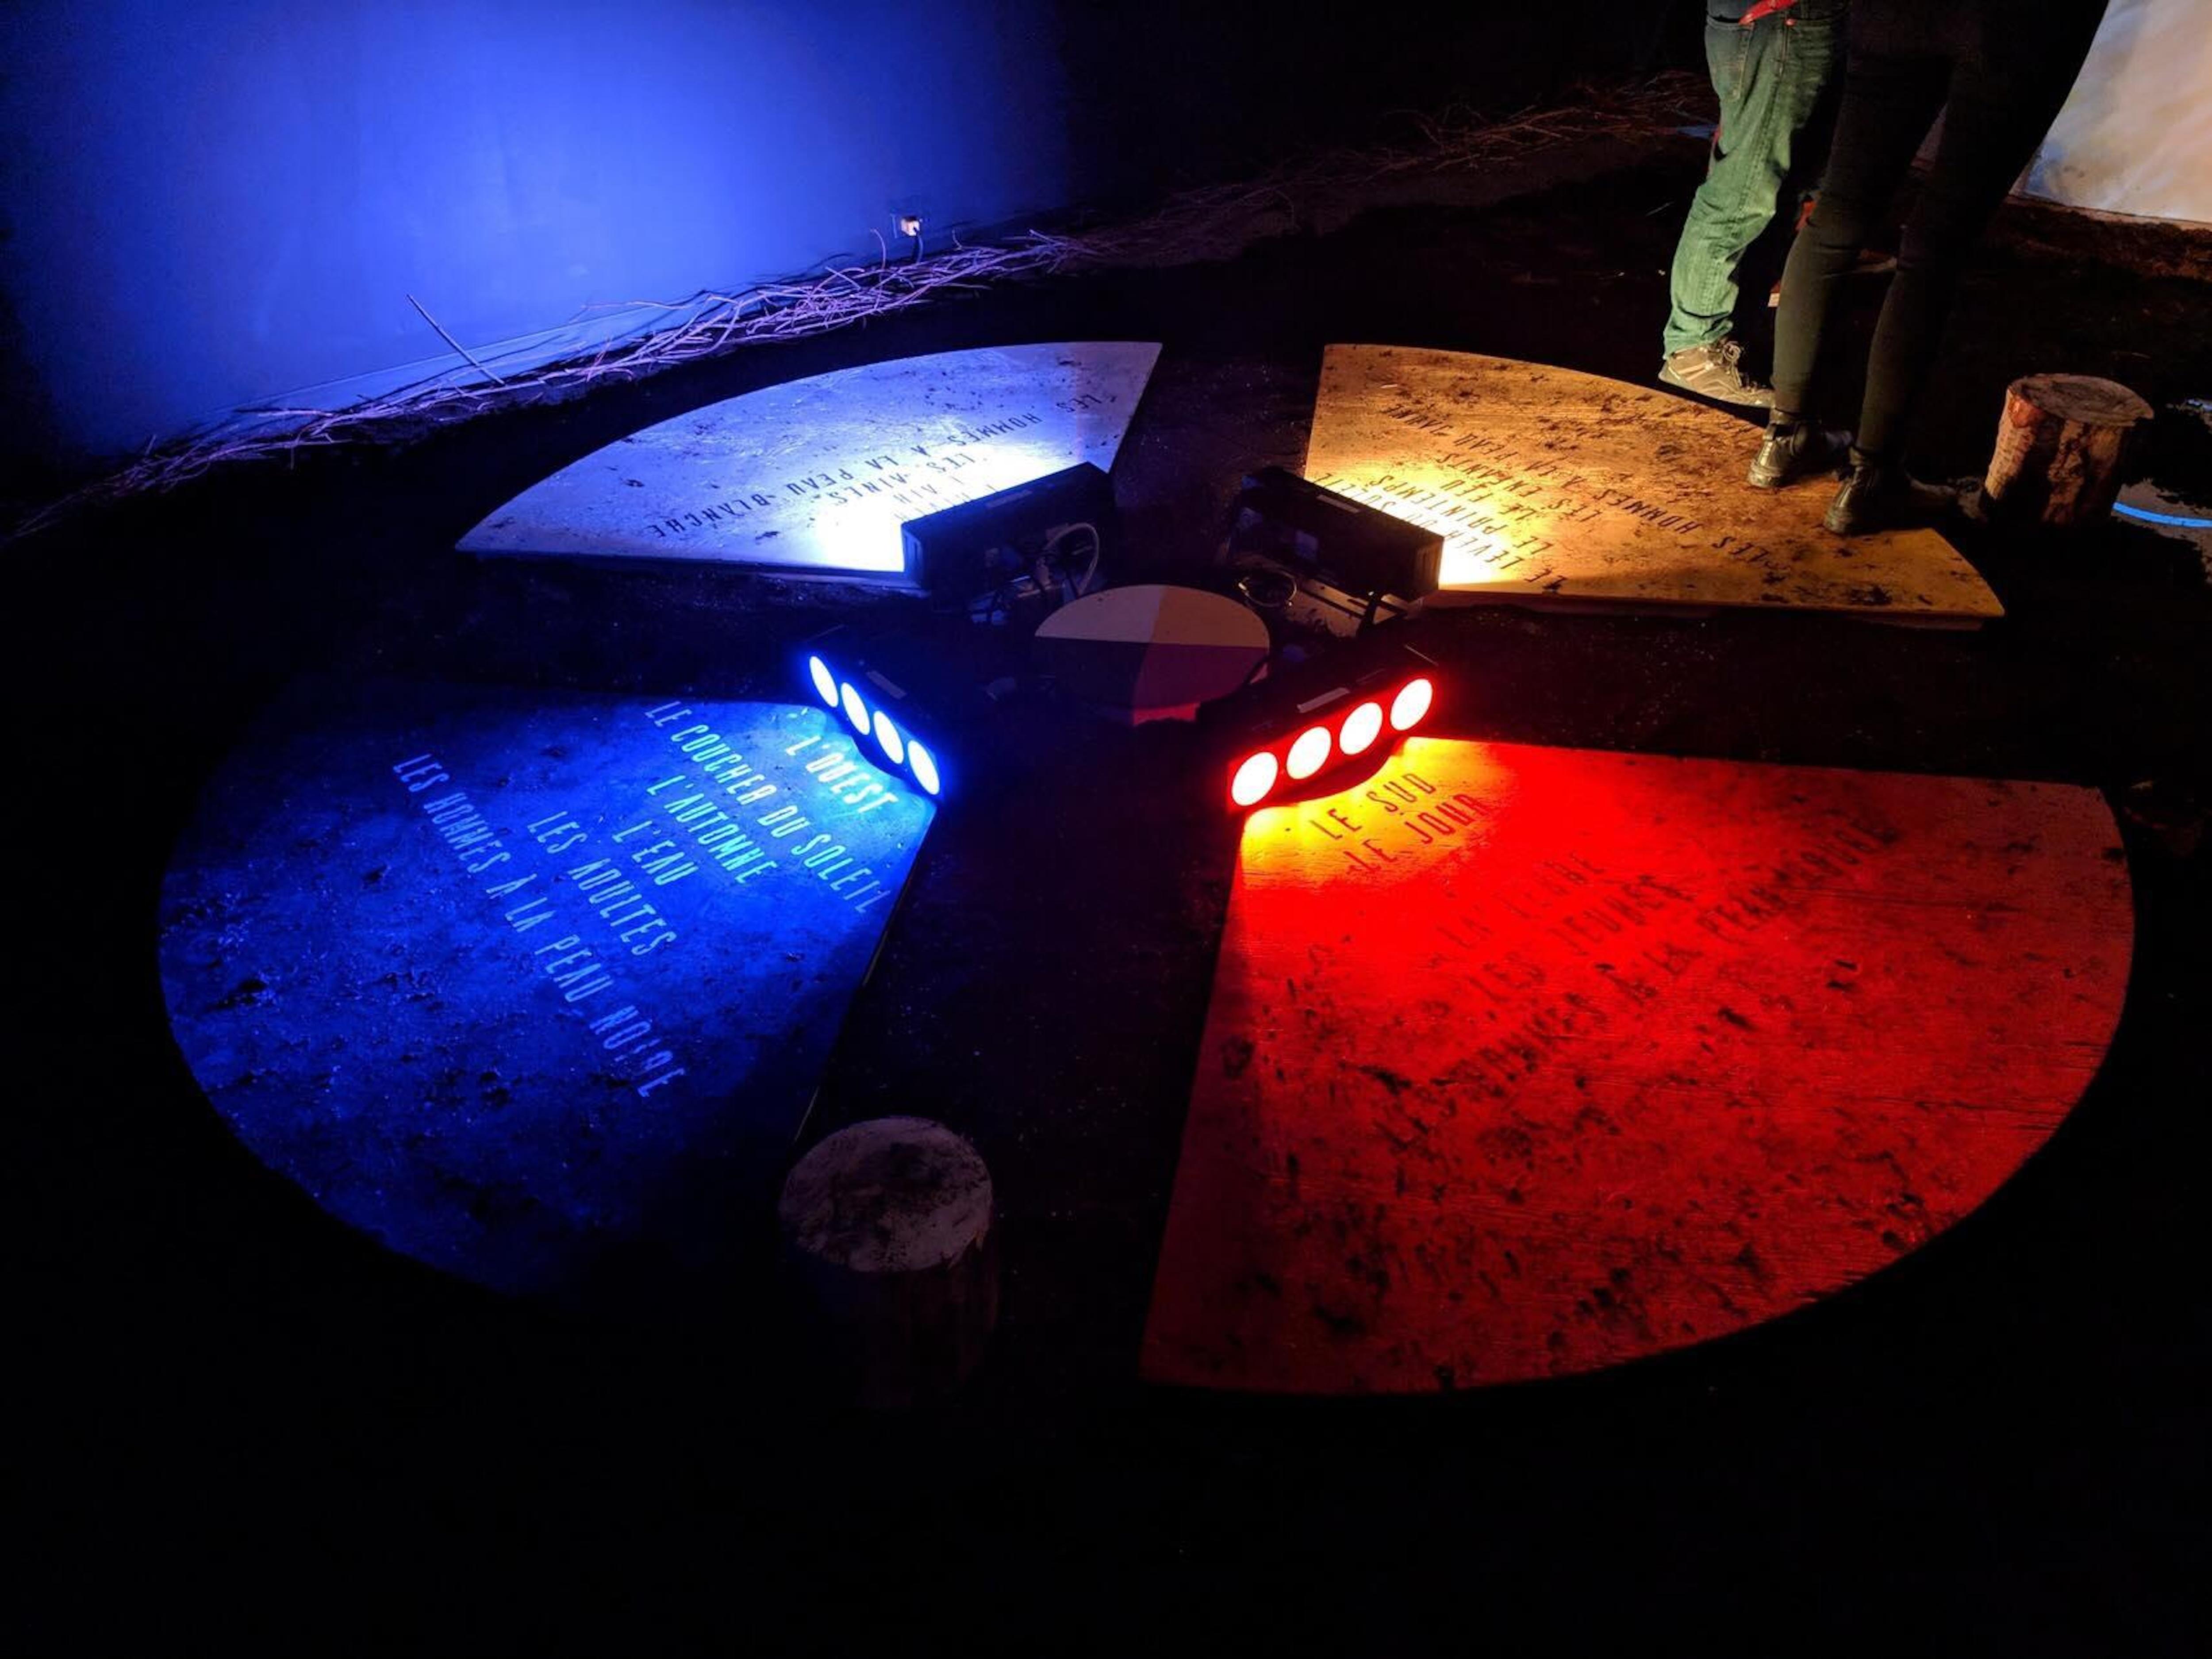 Des lumières de couleurs différentes illuminent le sol où il est inscrit des informations sur l'histoire des autochtones de la région.